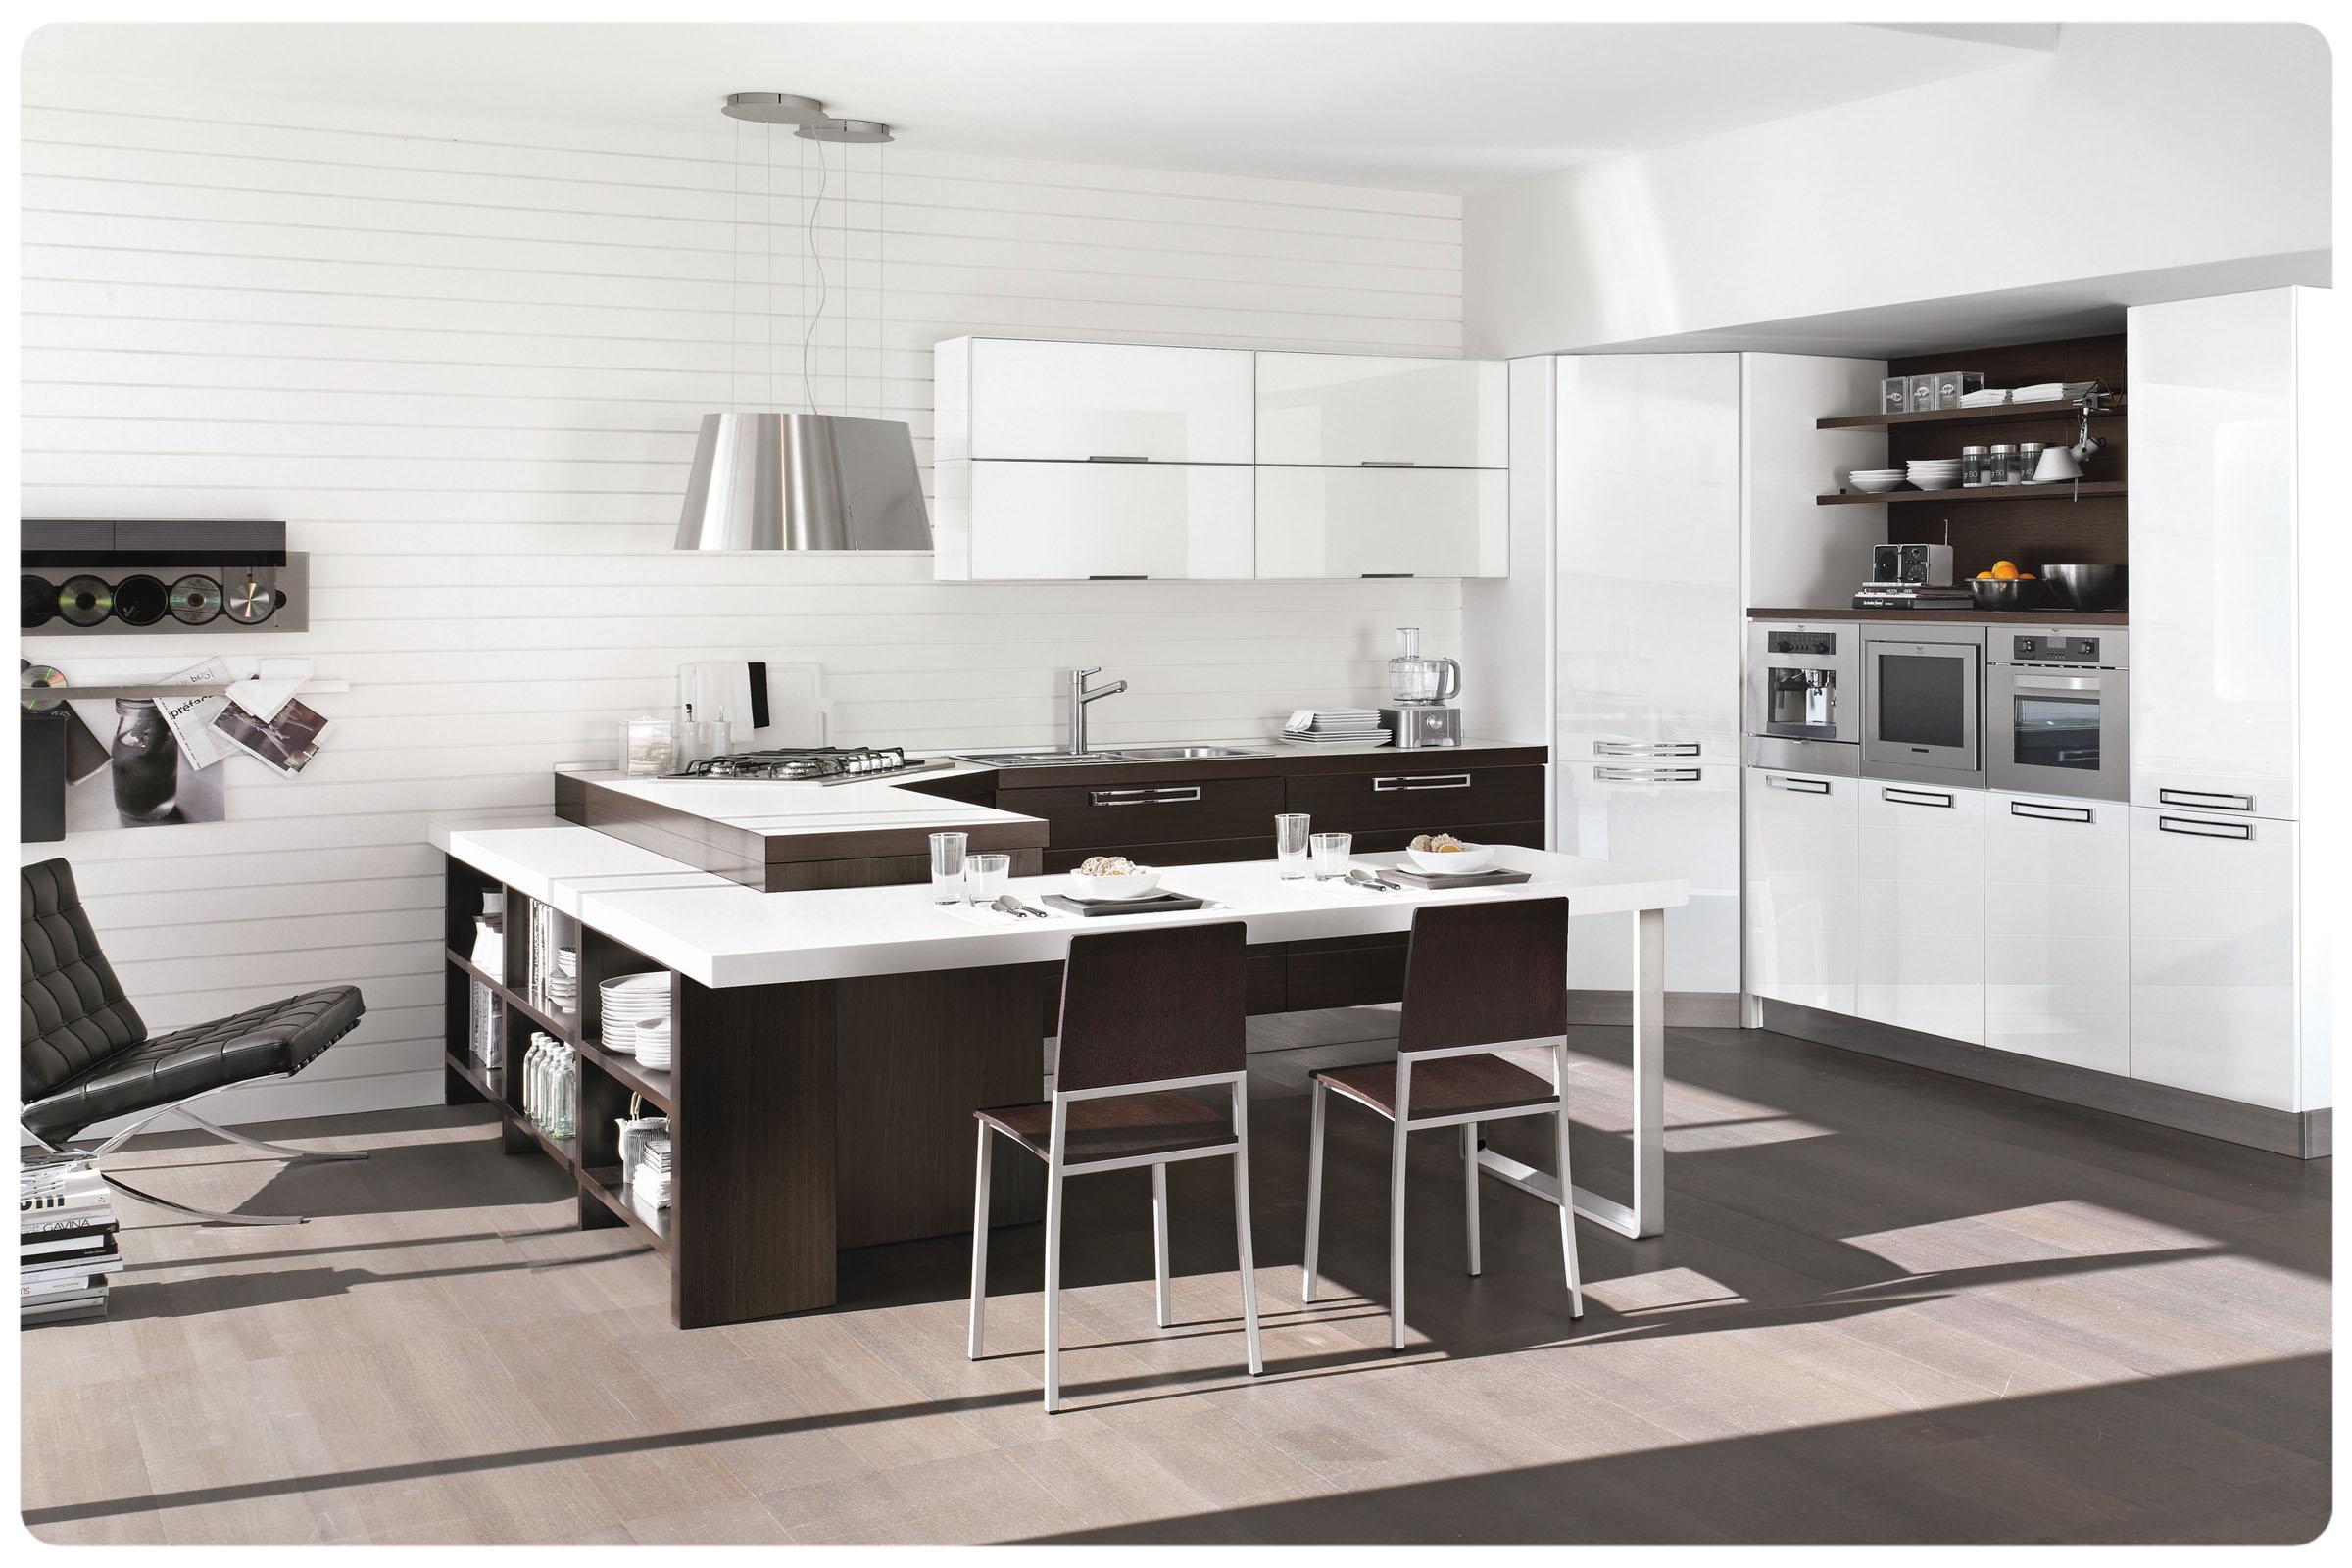 Cucine moderne componibili Stosa Replay - Acquistabile in Milano e provincia, Monza e Brianza